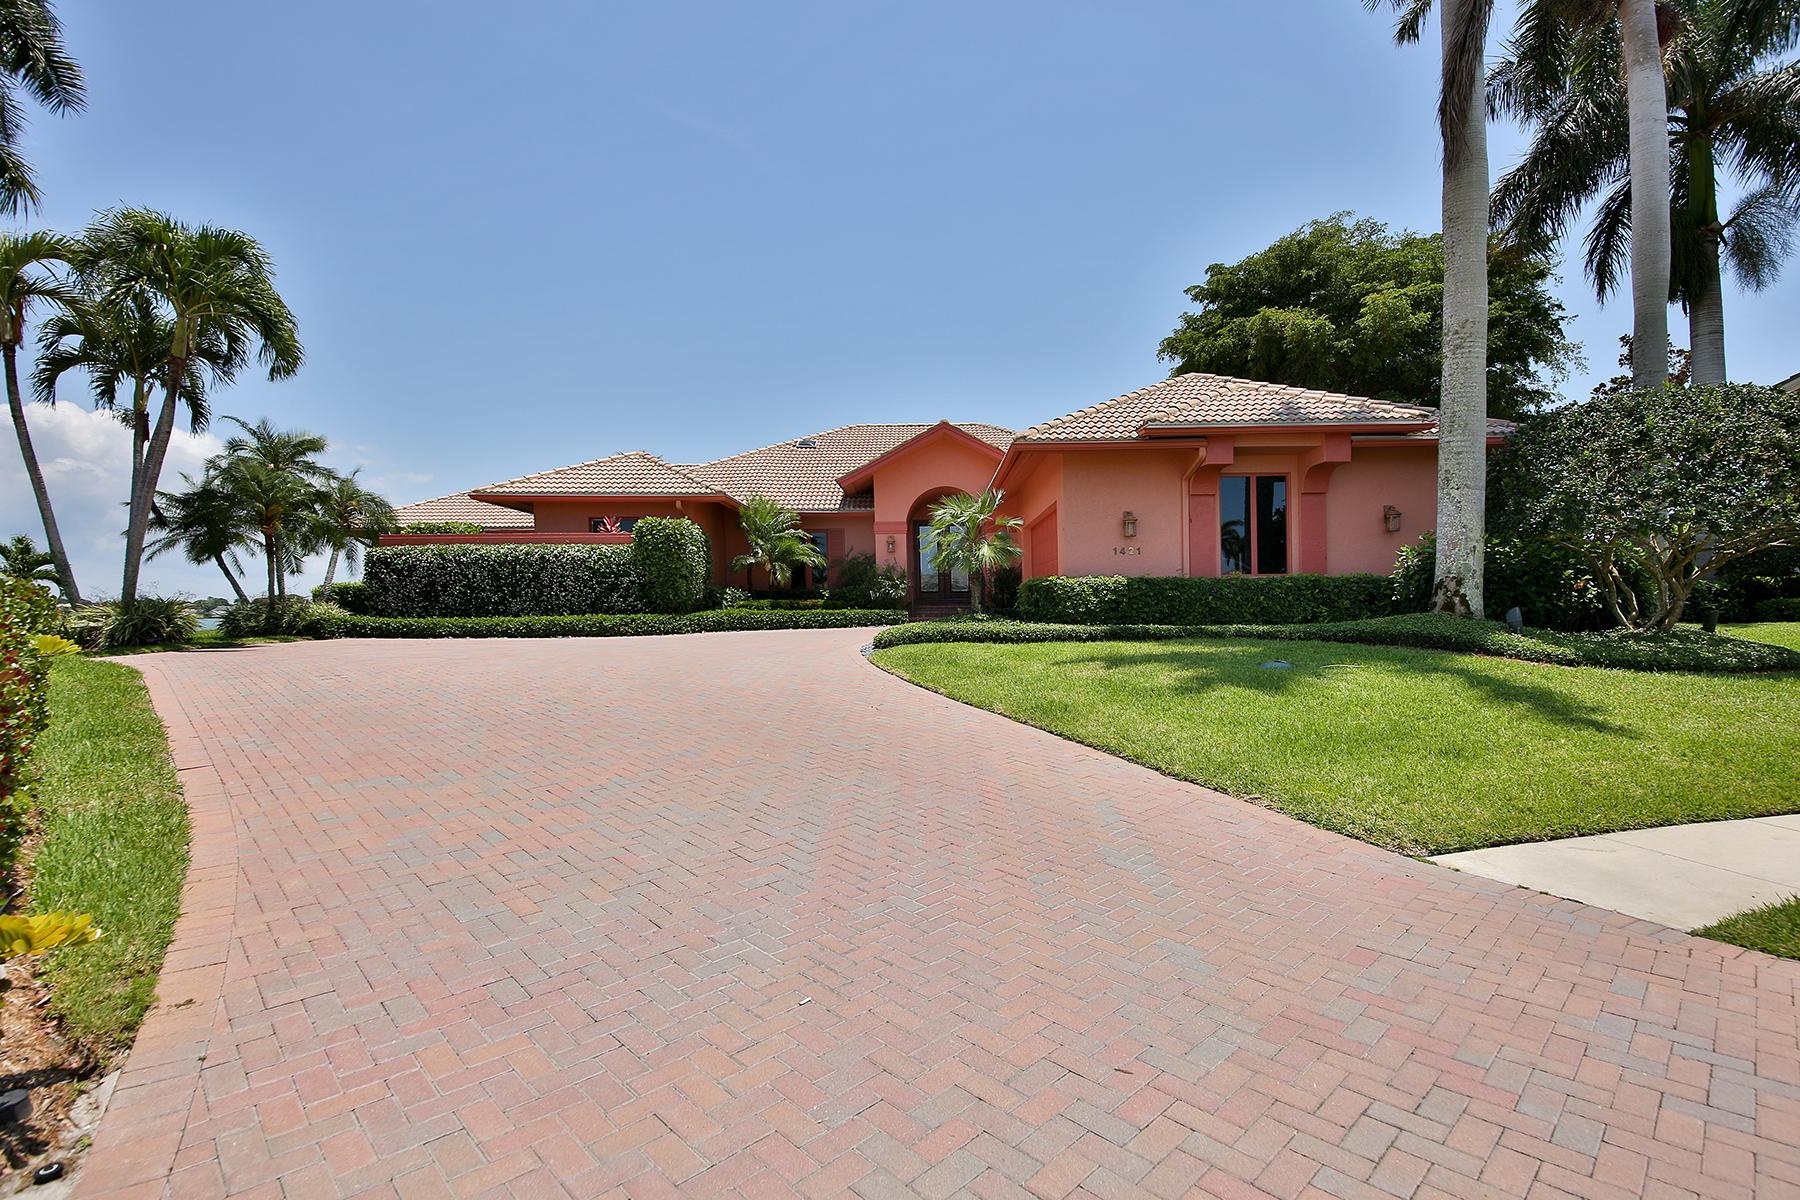 Casa Unifamiliar por un Venta en MARCO ISLAND 1421 Forrest Ct Marco Island, Florida, 34145 Estados Unidos